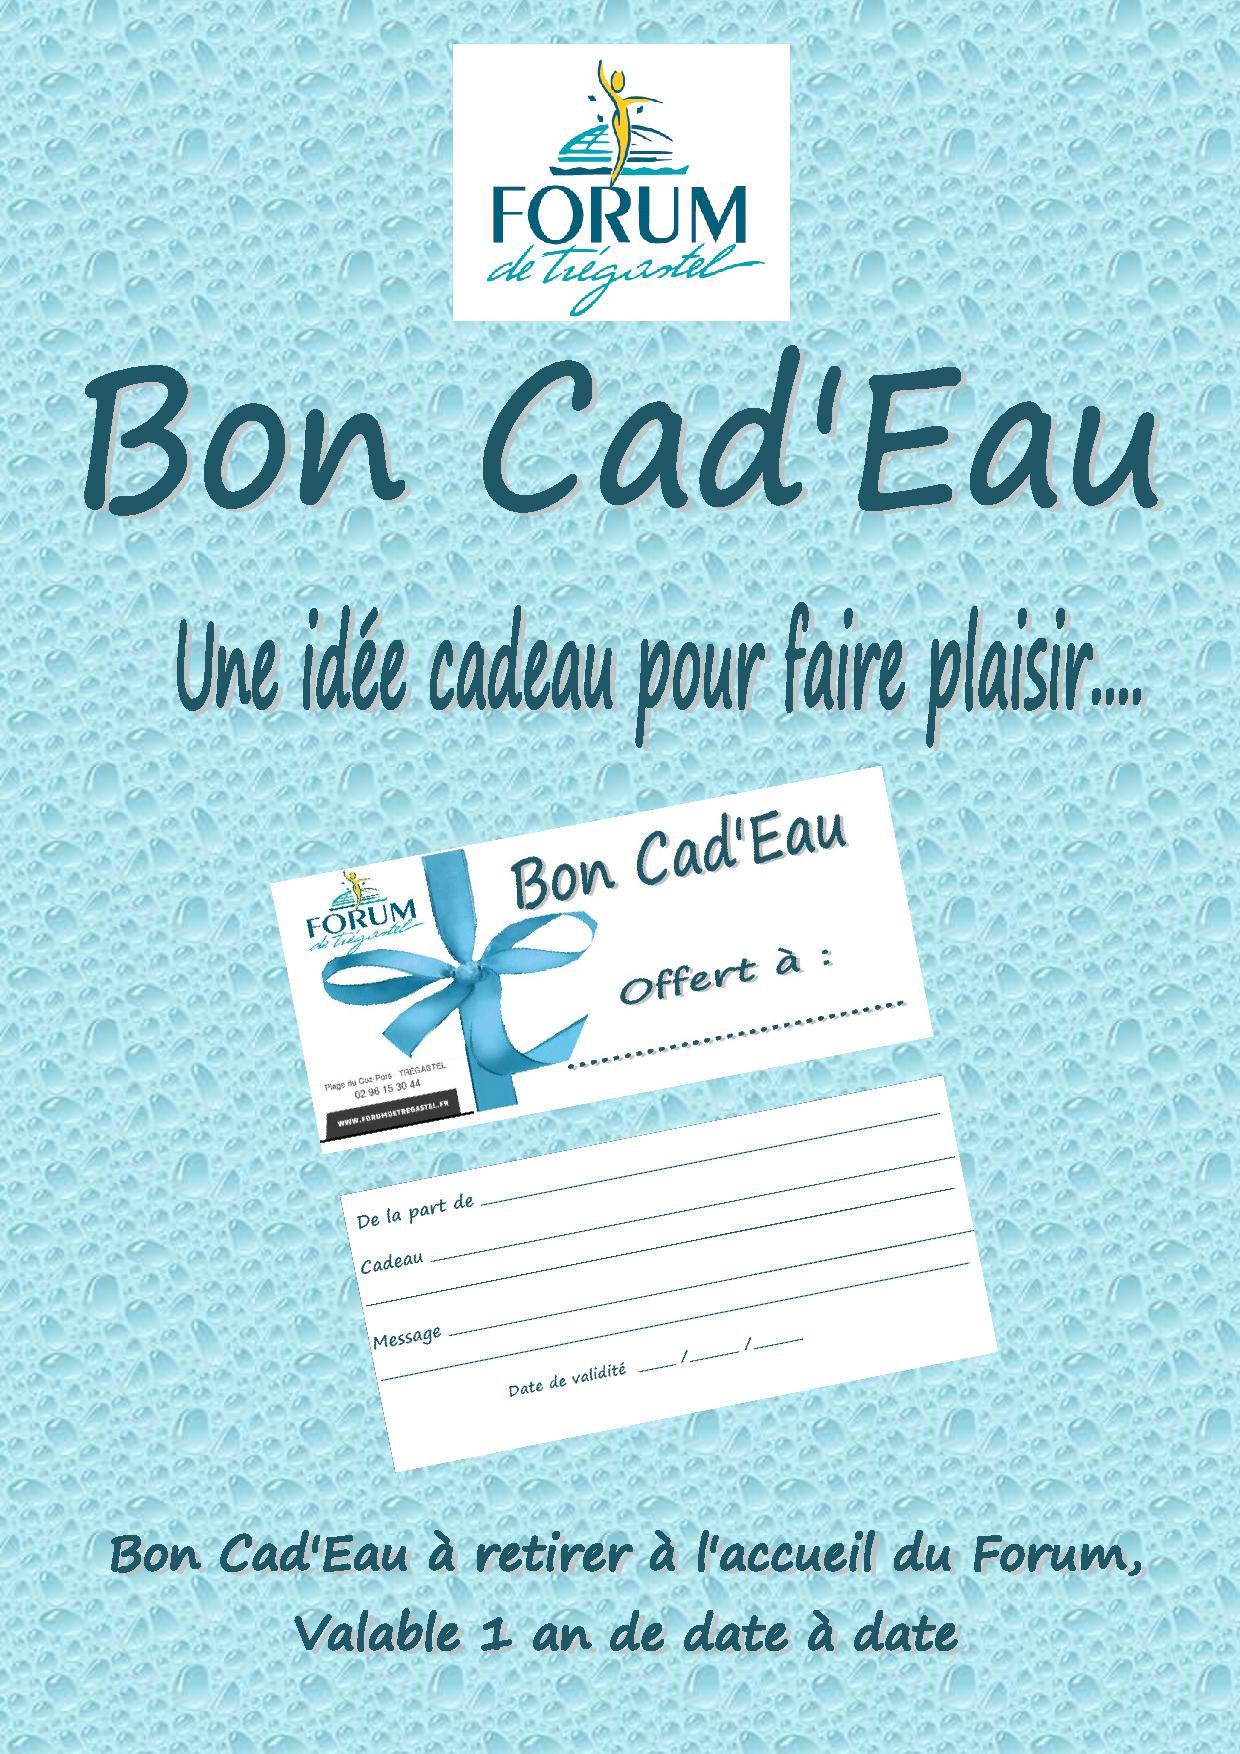 affiche-bon-cad-eau-2017-page-001